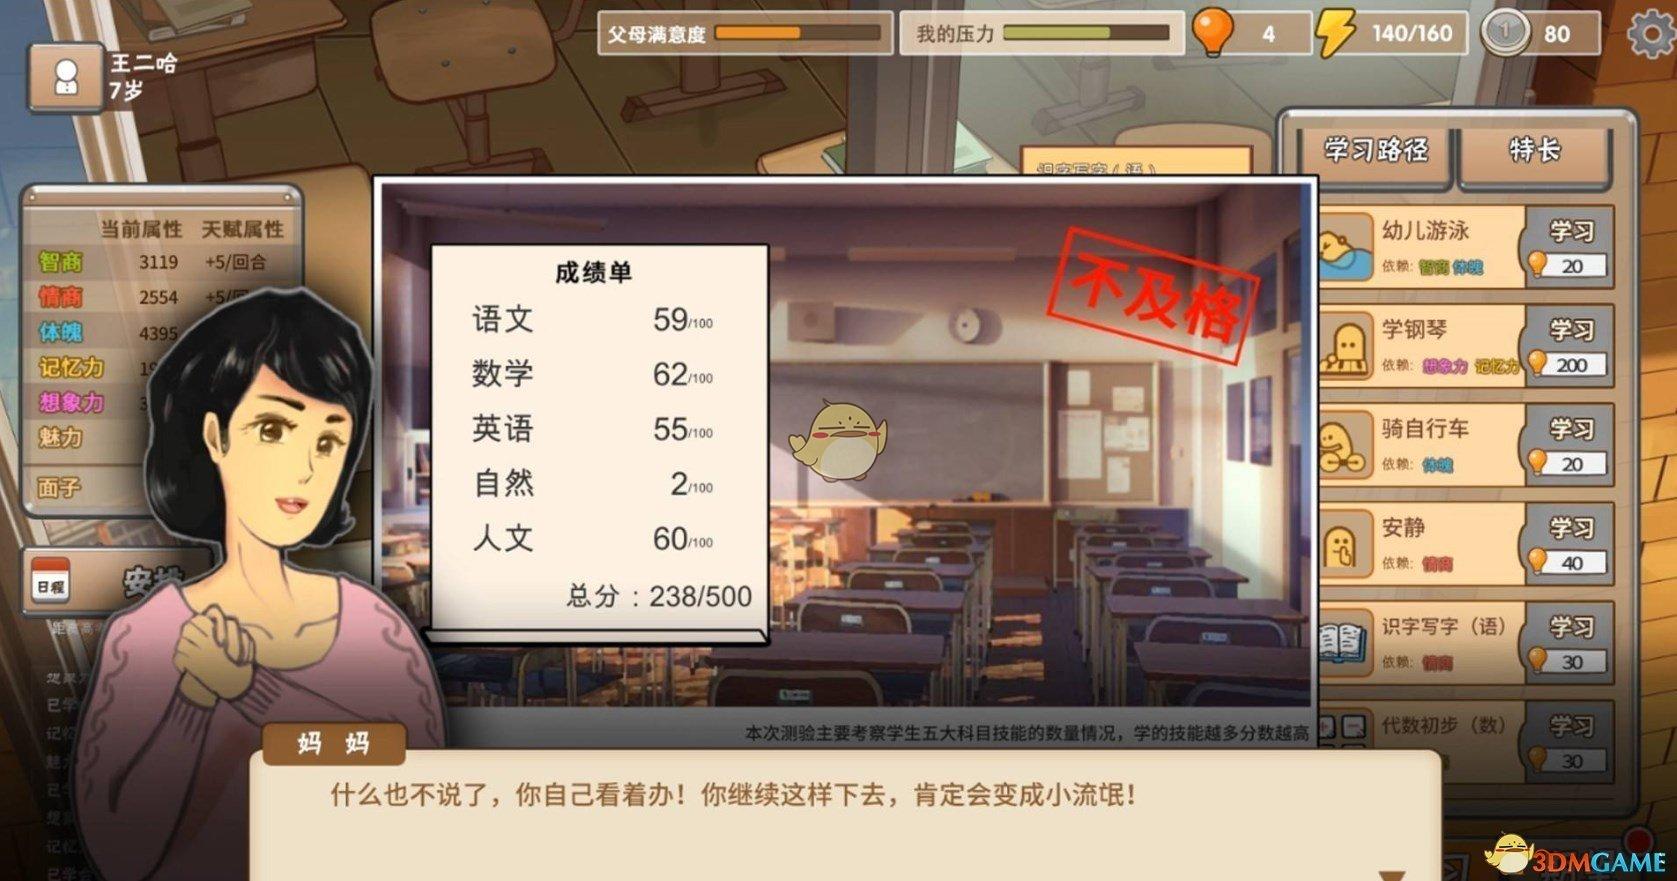 《中国式家长》特长图鉴 全特长获取方式与分值一览